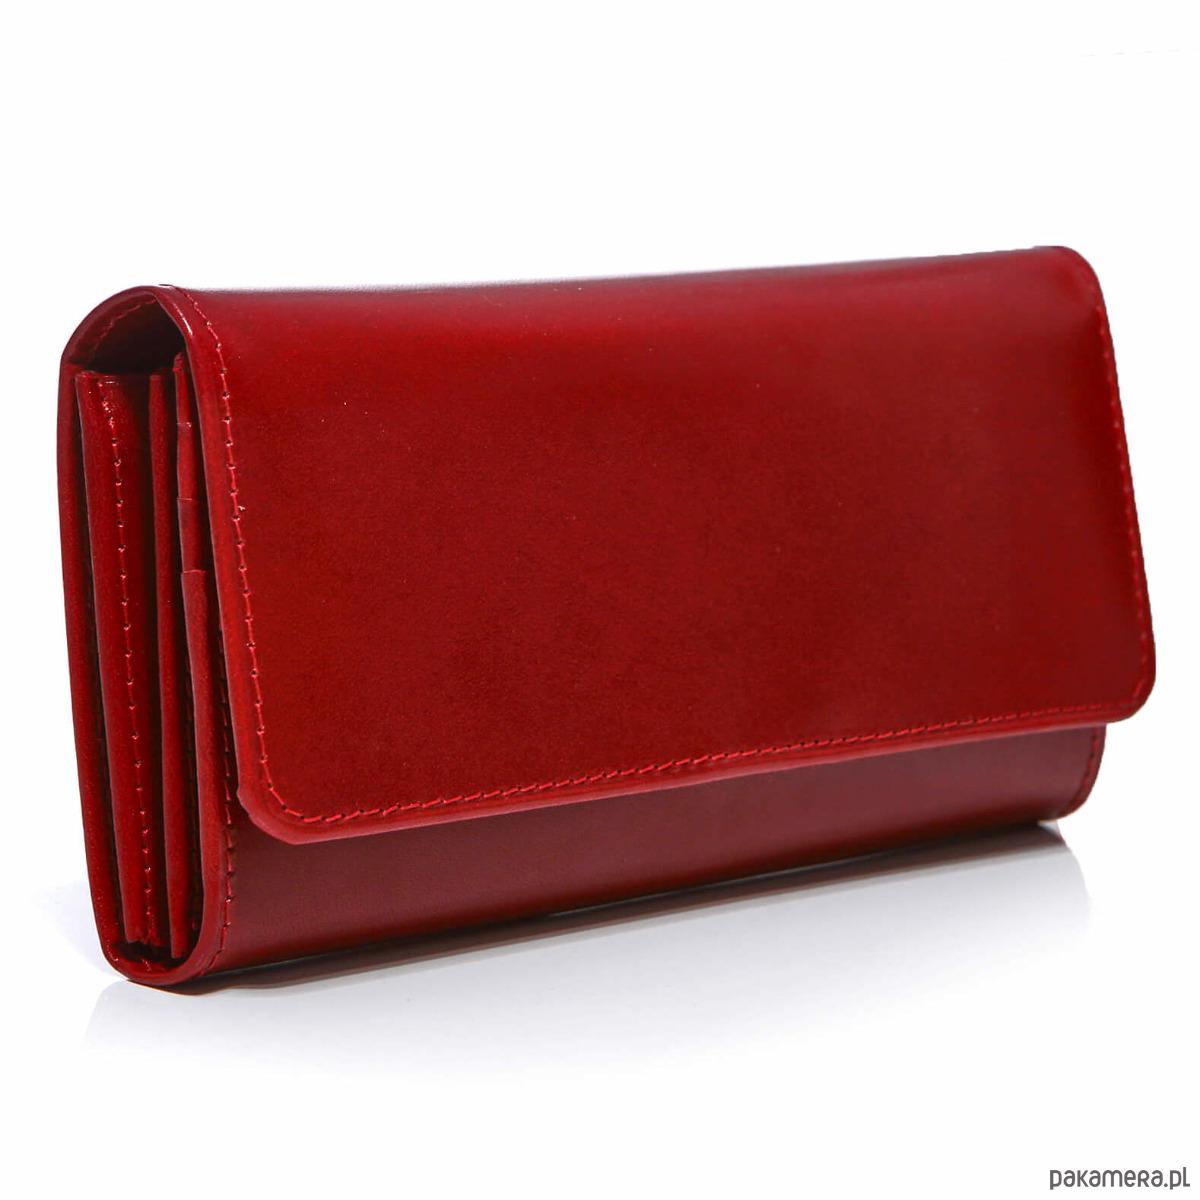 709bce27519cb Czerwony portfel damski skórzany duży Belveder - portfele - damskie ...